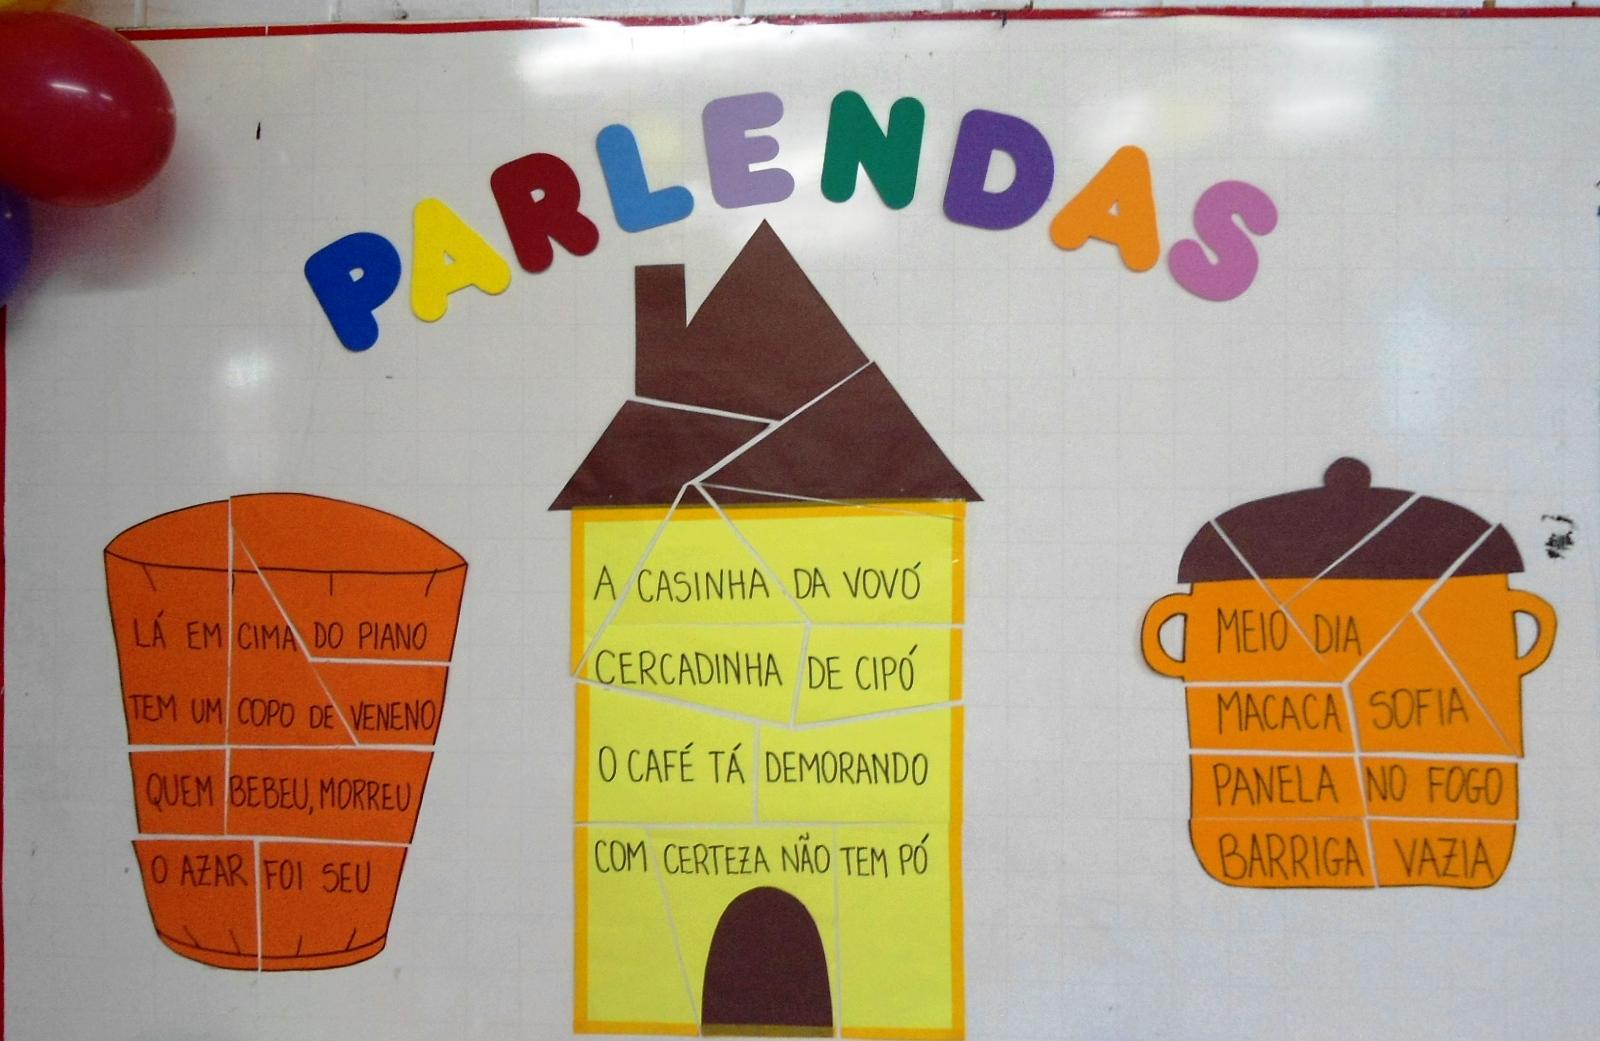 ideias para trabalhar no jardim de infancia: compartilhar no twitter compartilhar no facebook compartilhar com